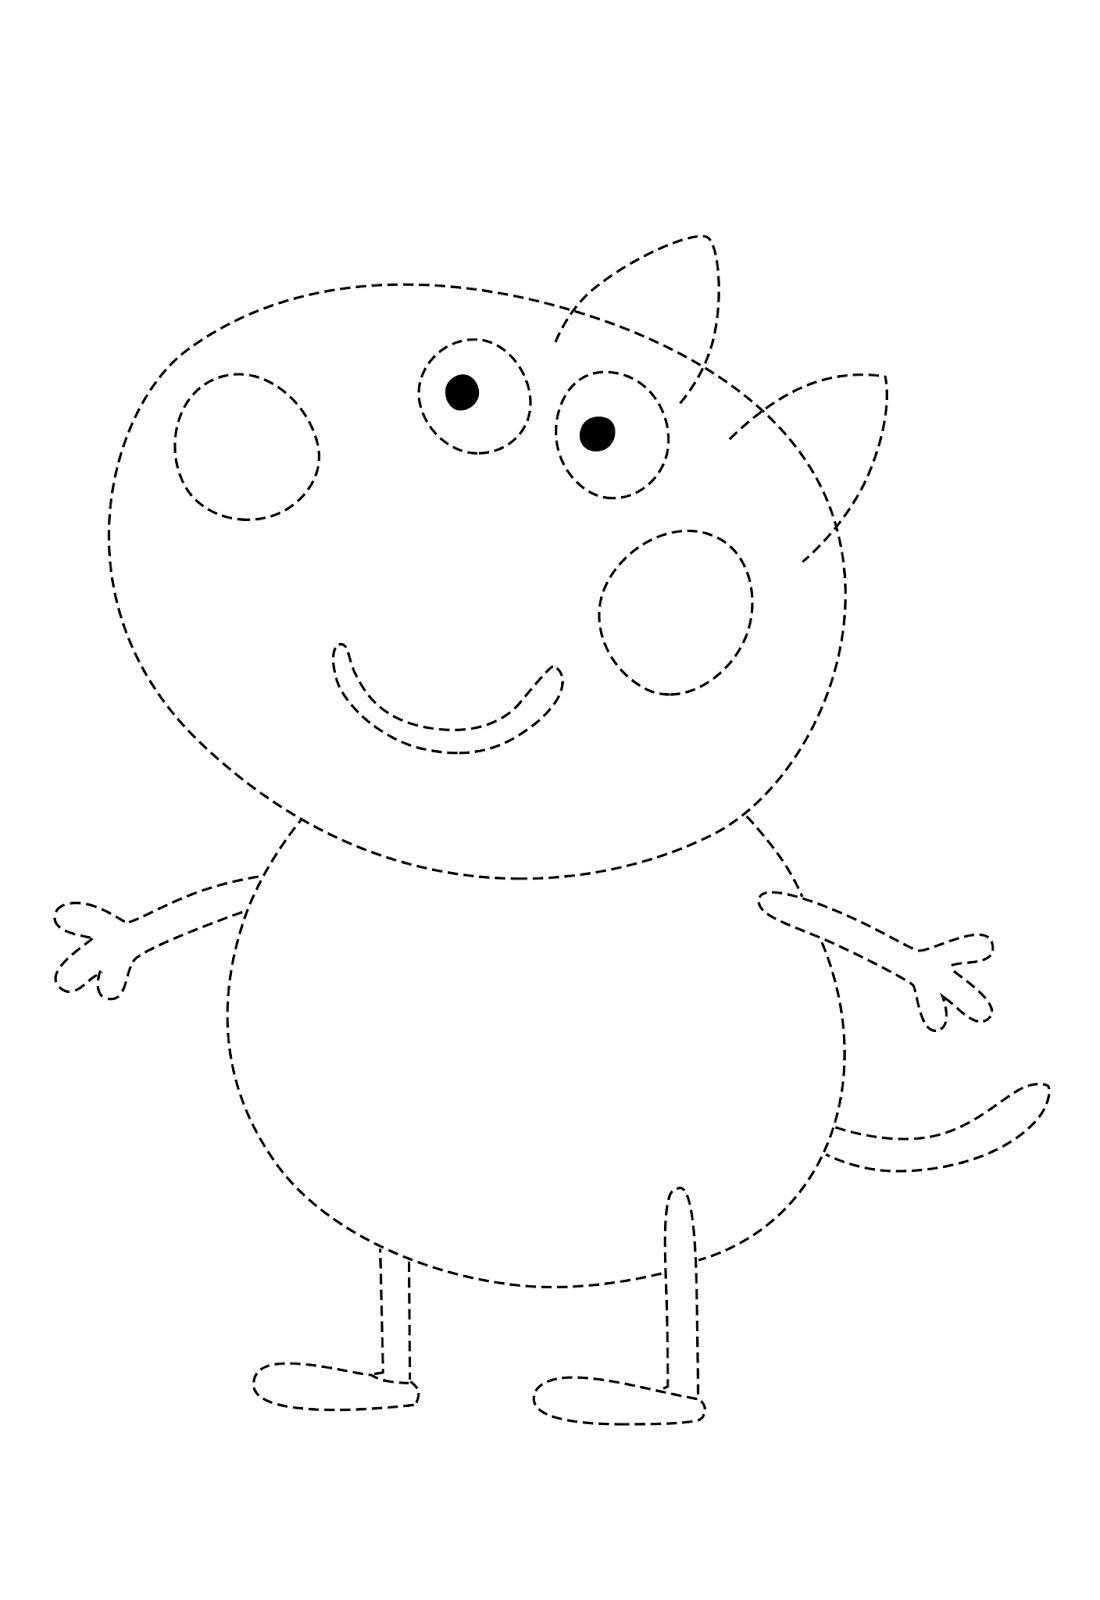 Desenho Pontilhado Para Imprimir